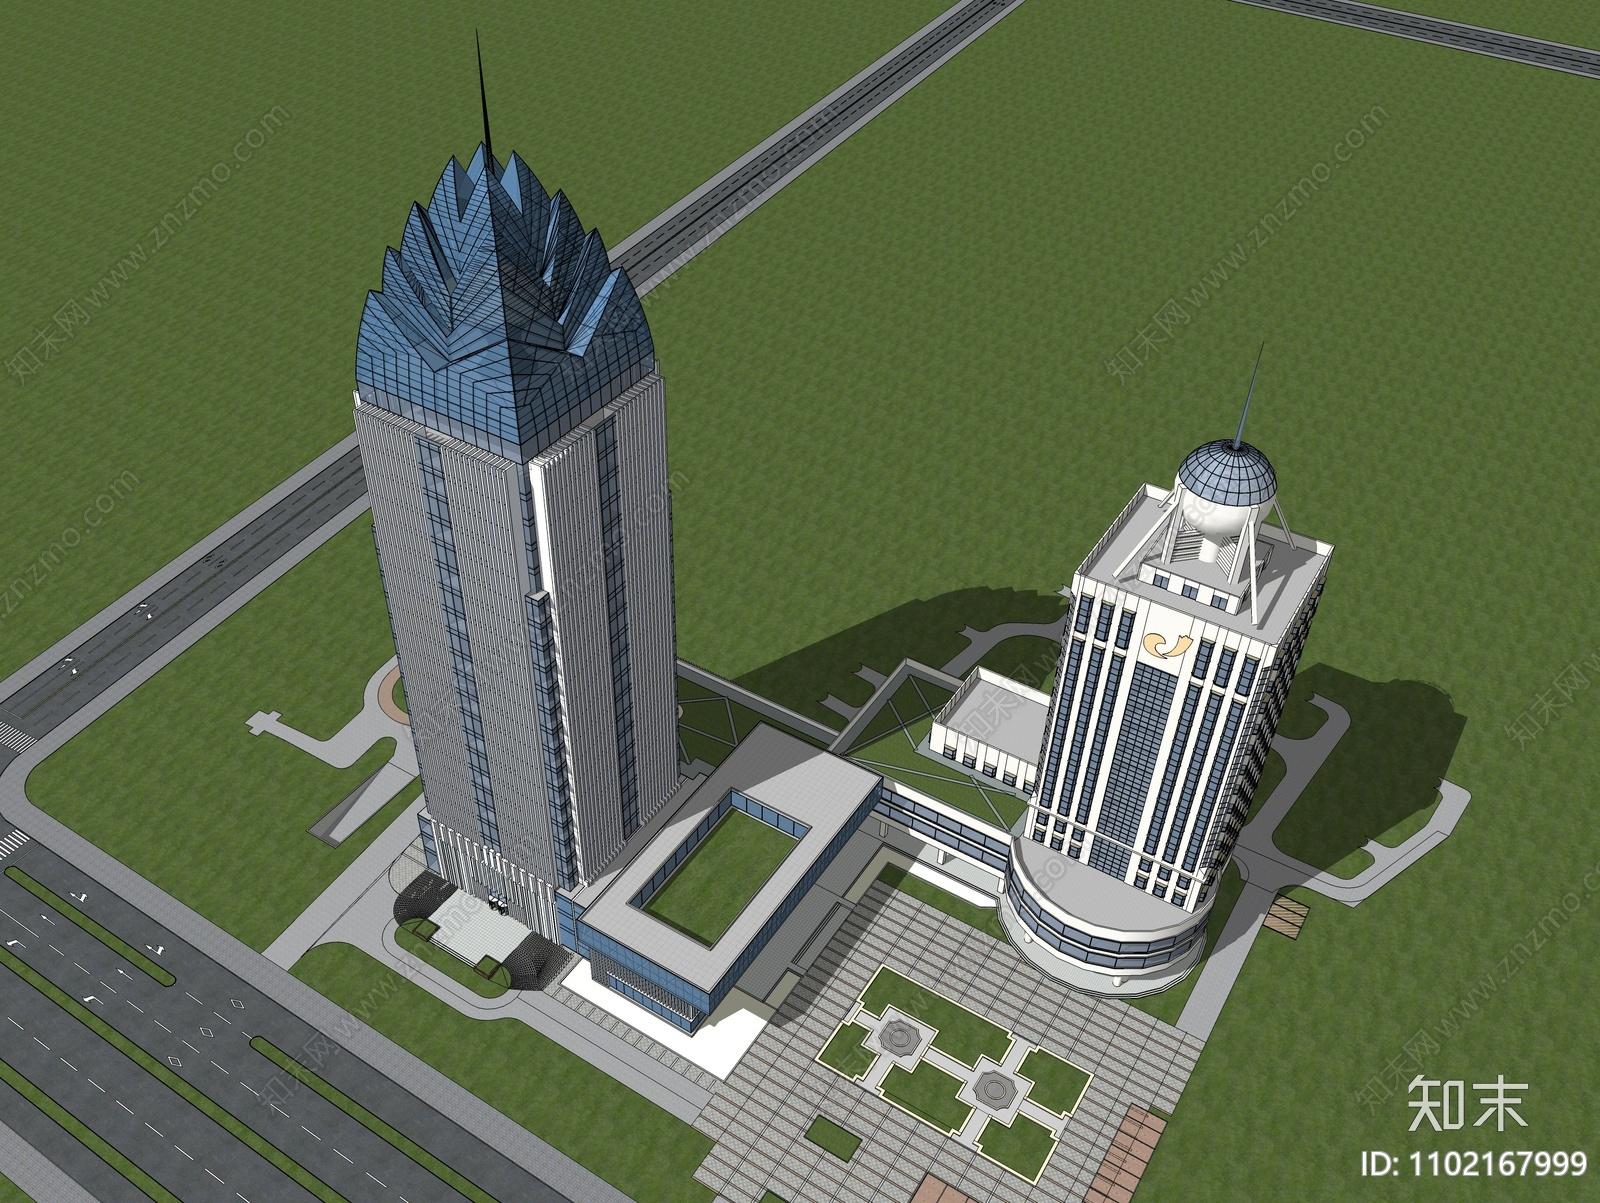 现代酒店建筑SU模型下载【ID:1102167999】